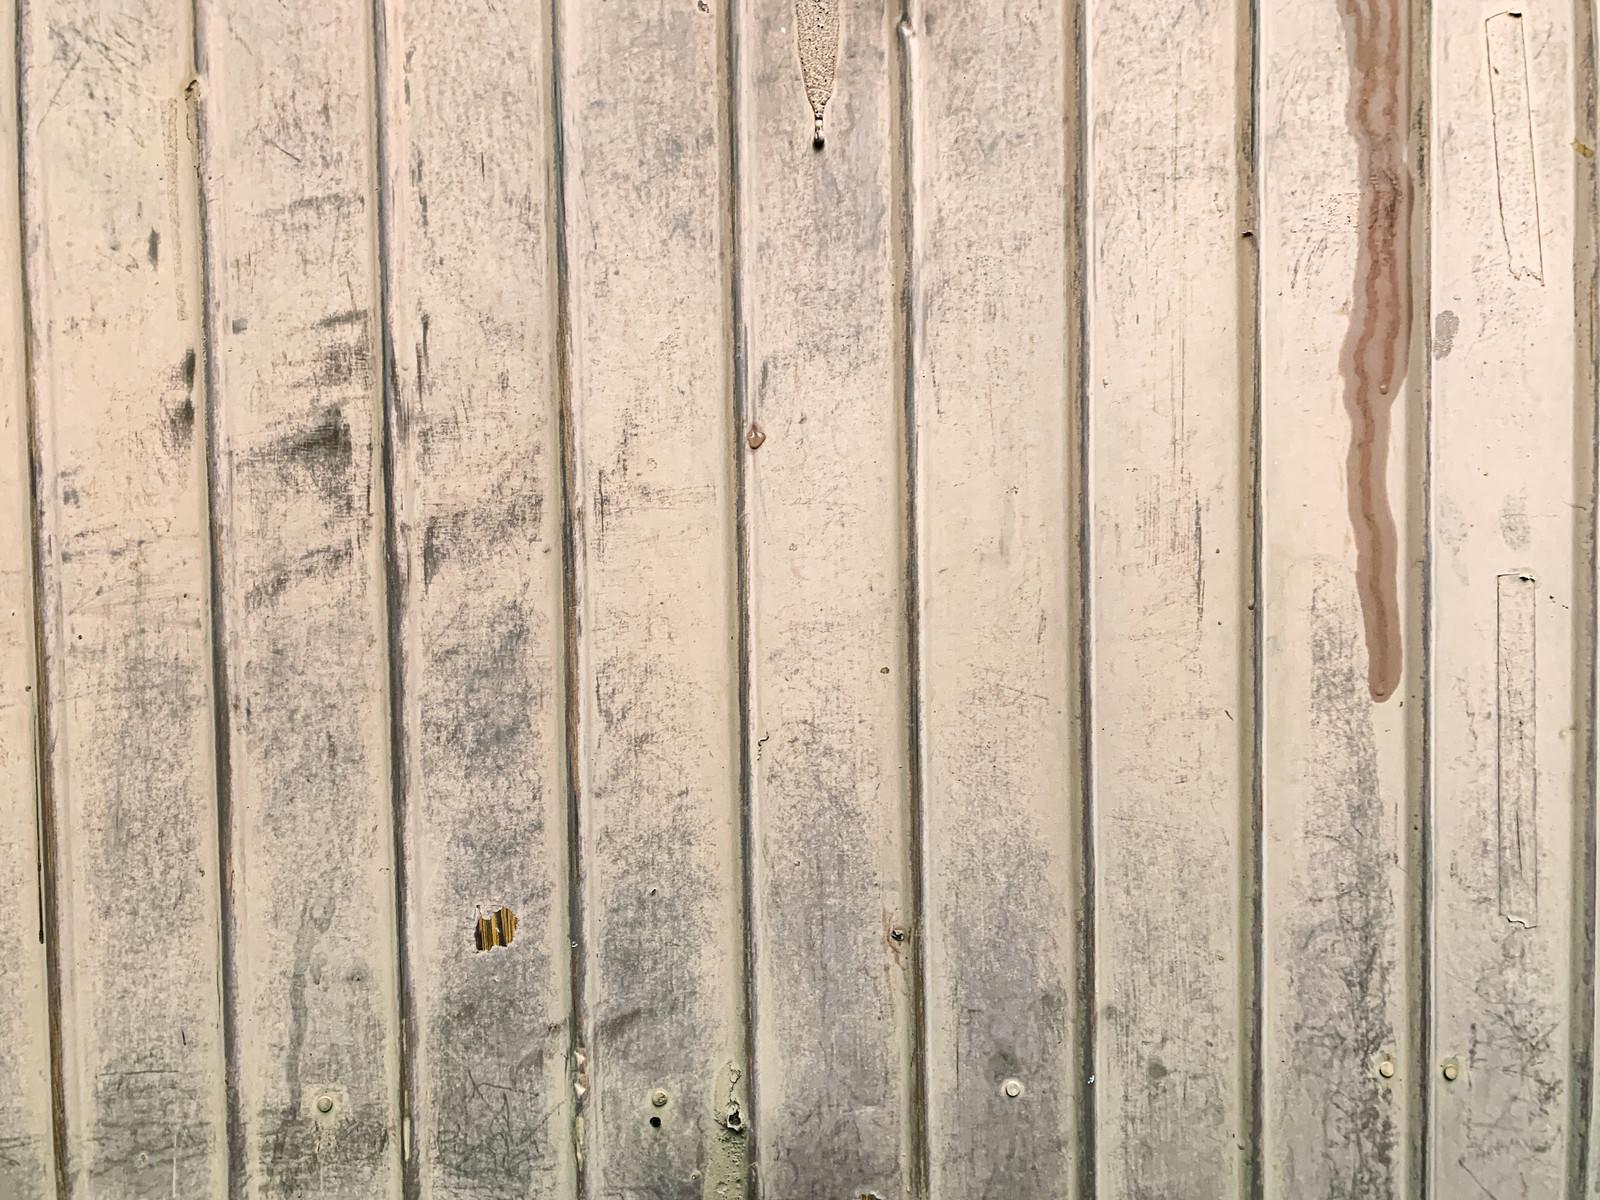 「風化によりペンキが褪せた壁」の写真